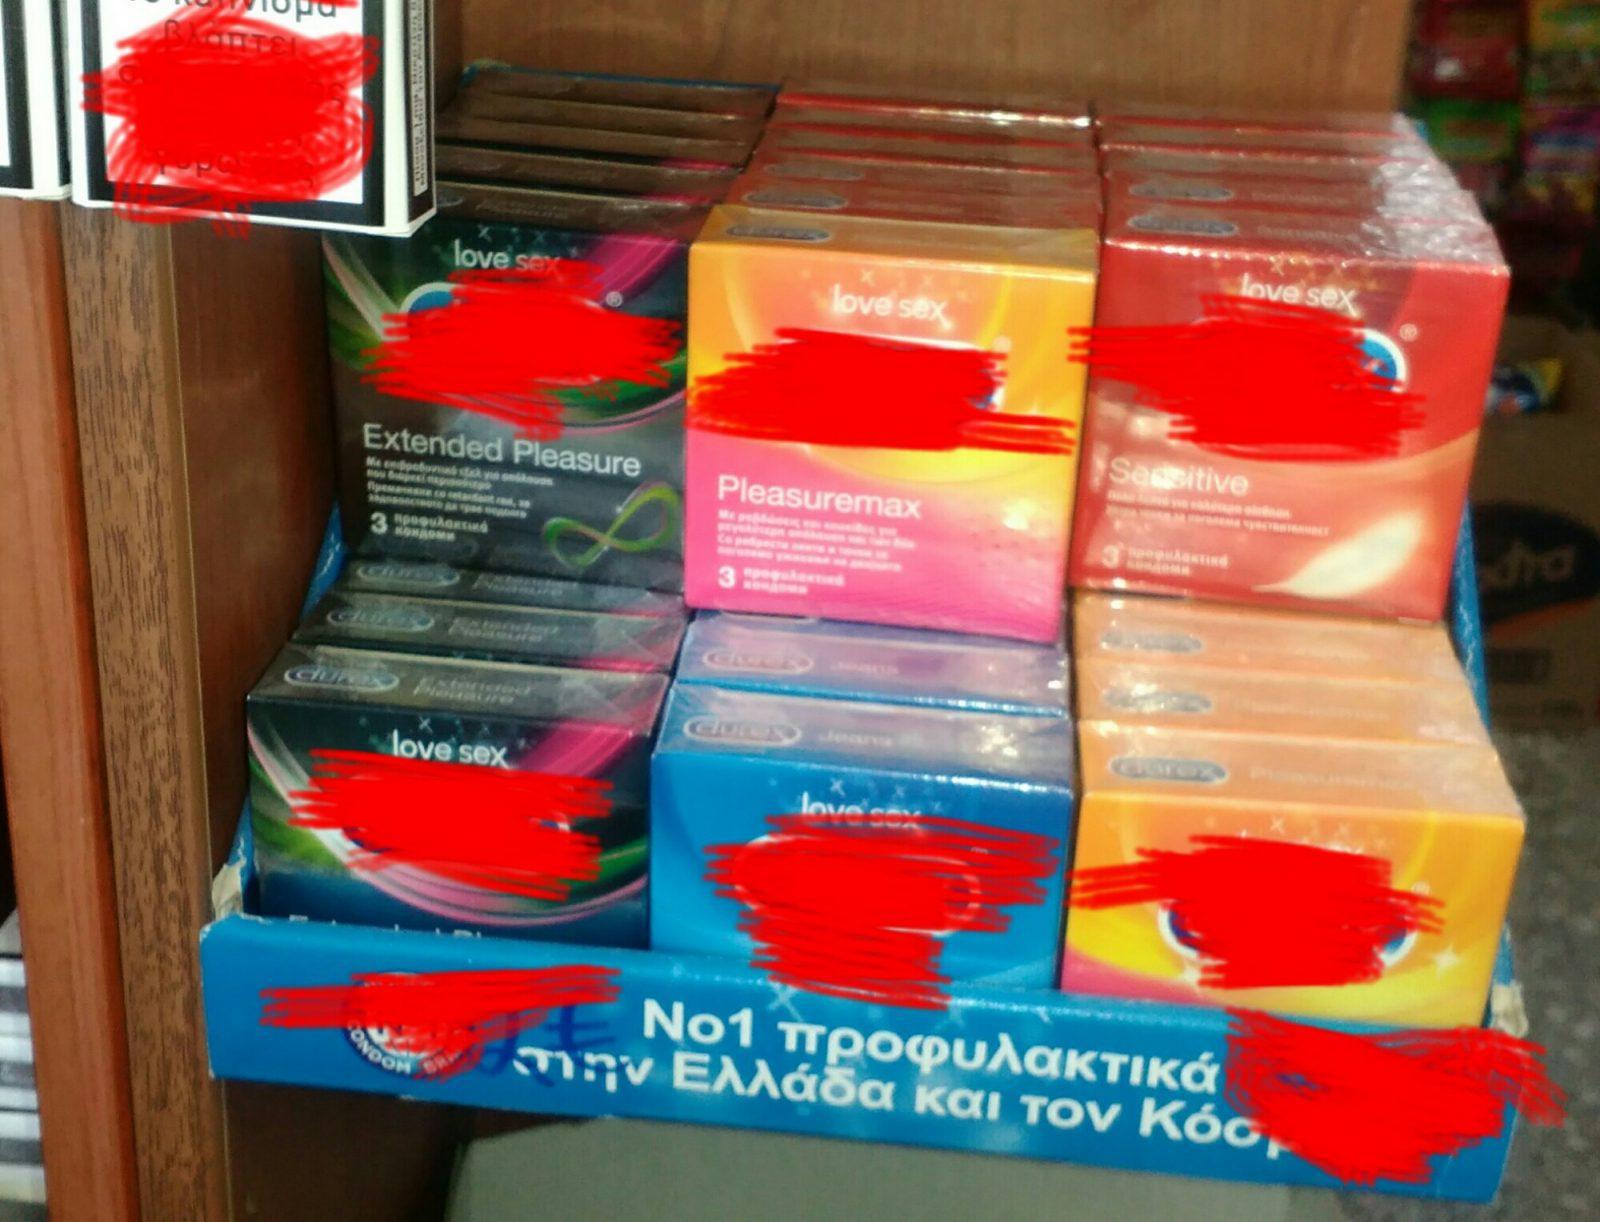 Δωρεάν προφυλακτικά σκέφτεται να μοιράσει εταιρία στο κέντρο της Αθήνας